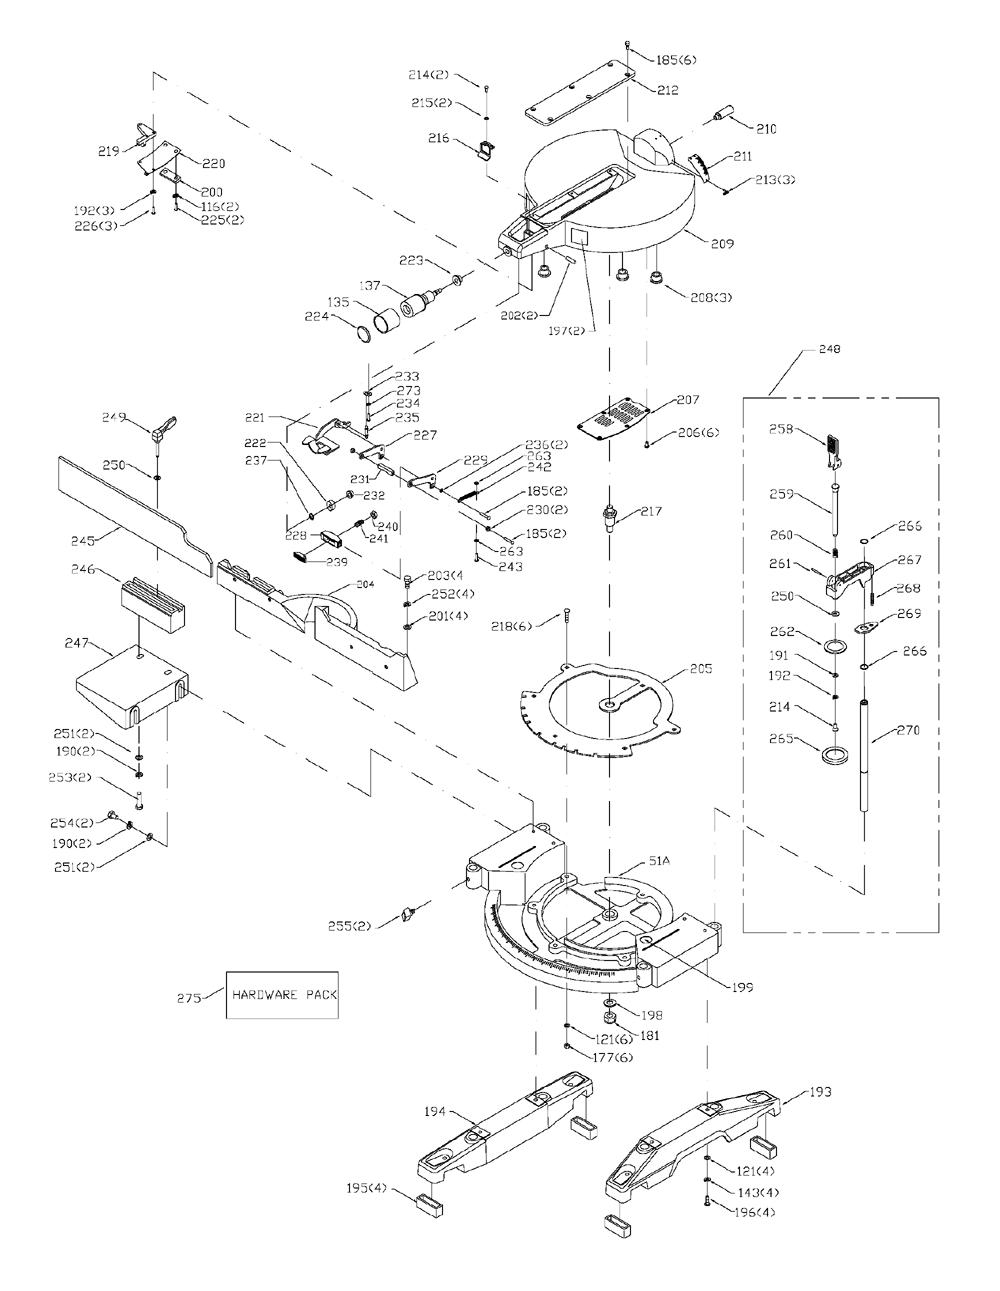 3802-Porter-Cable-T1-PB-1Break Down